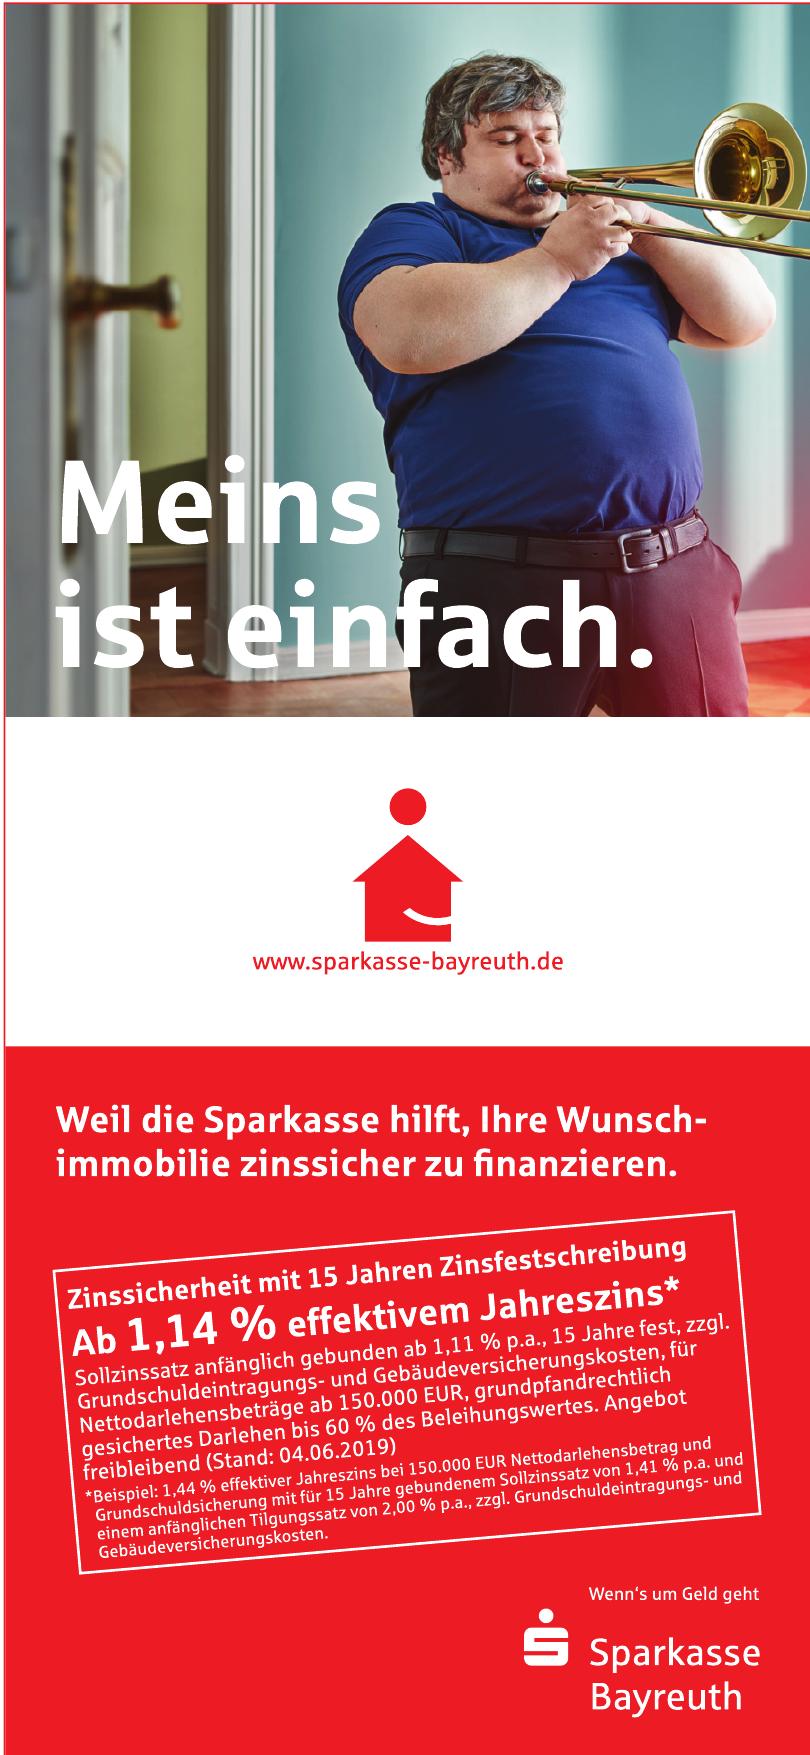 Sparkasse Bayreuth